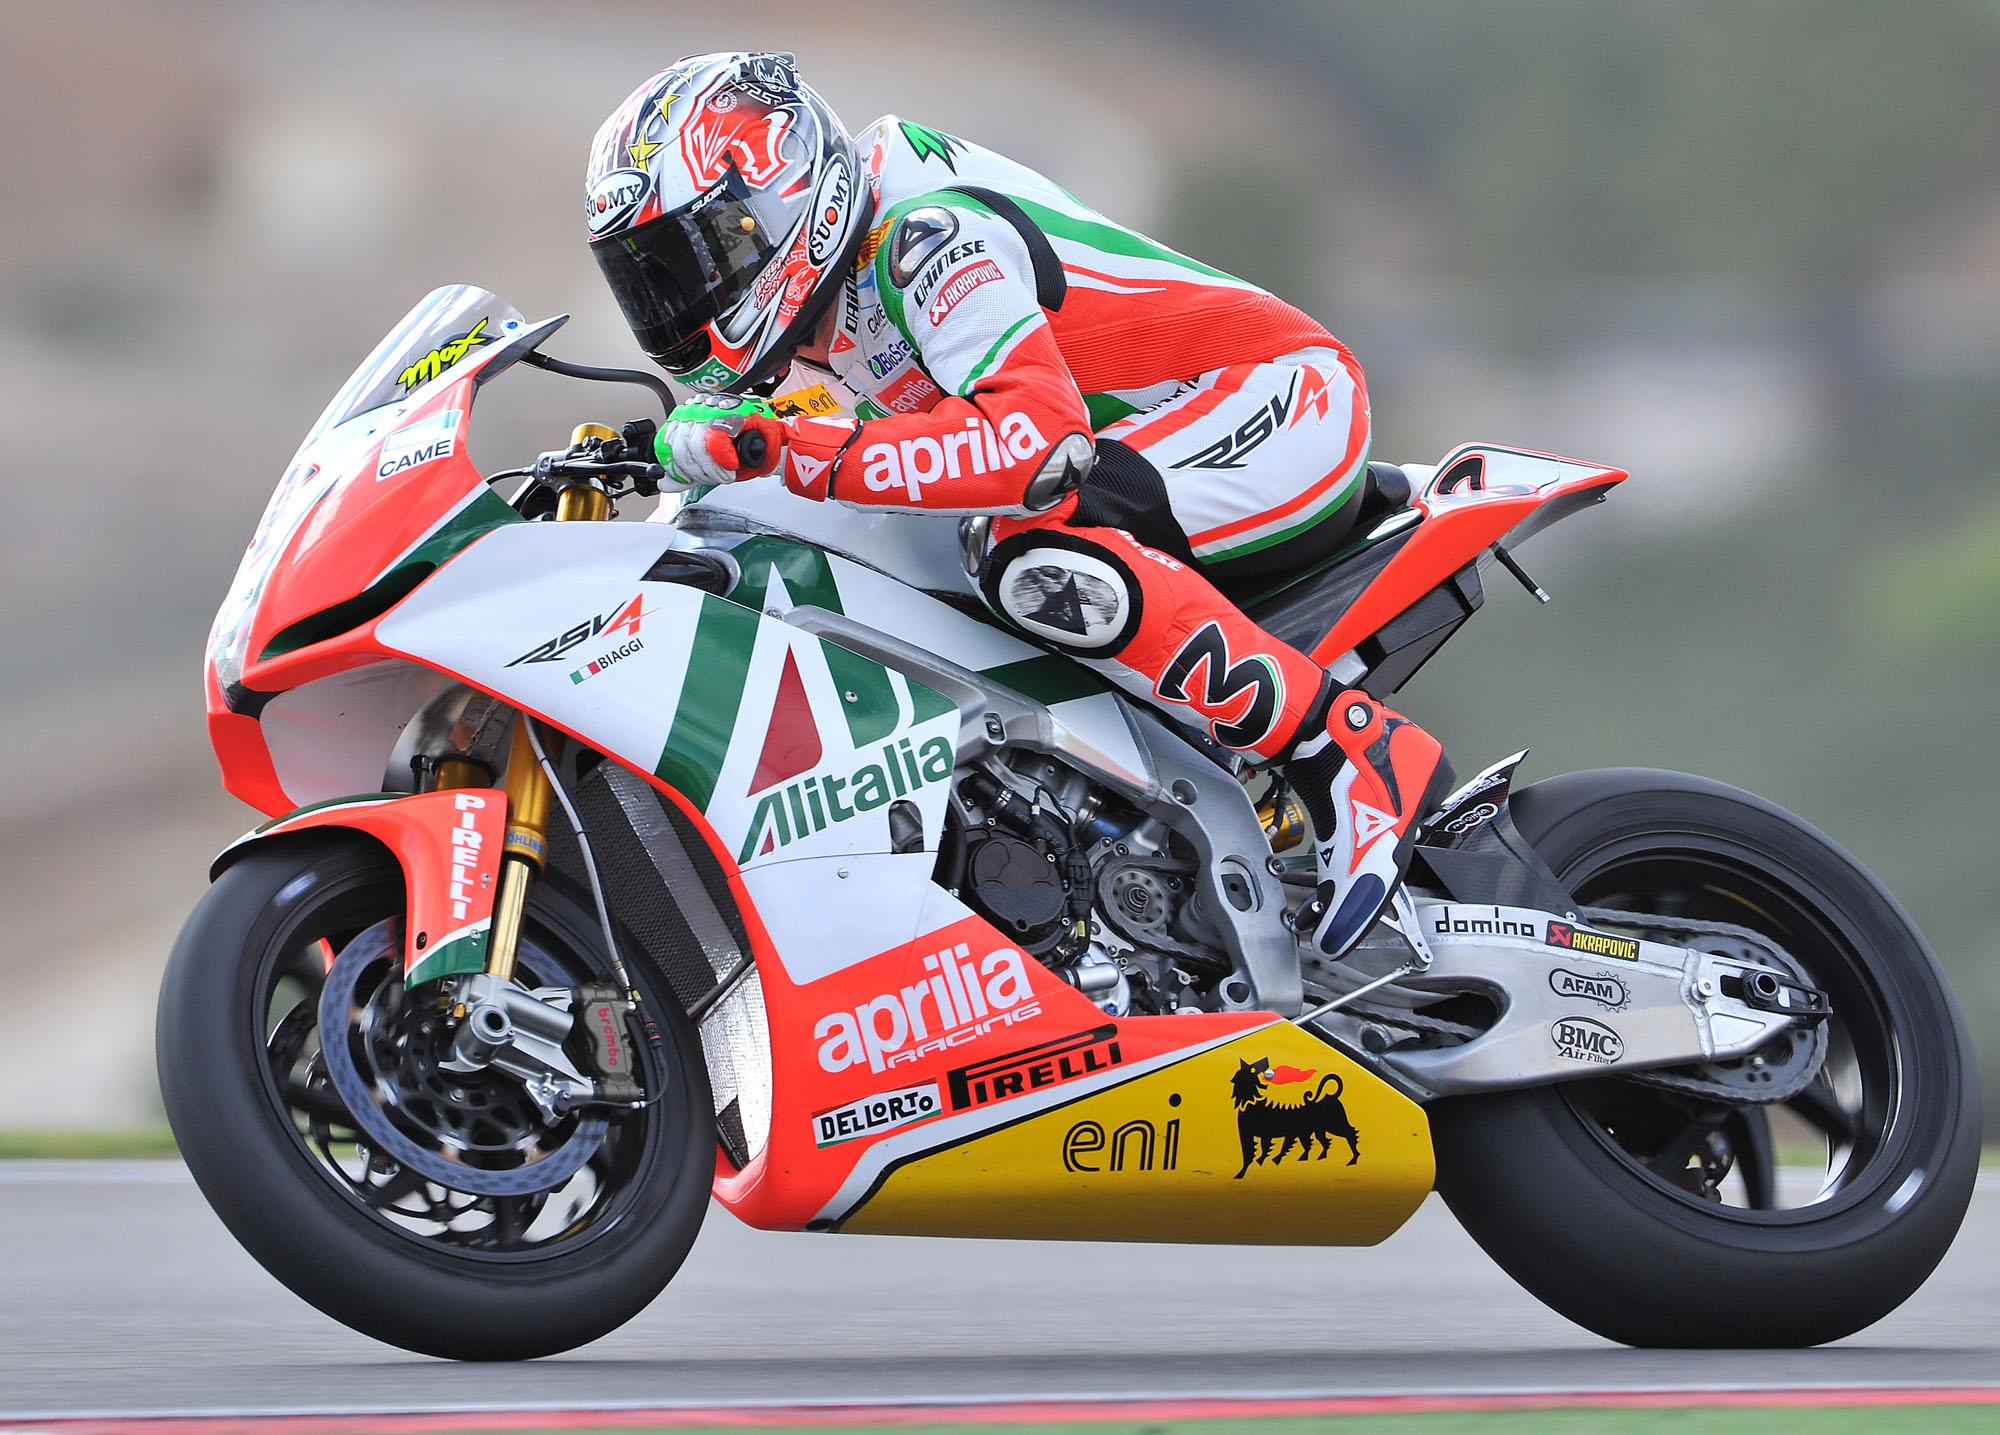 Aprilia pronta al rientro in MotoGp nel 2016 e chiama Biaggi per i primi test